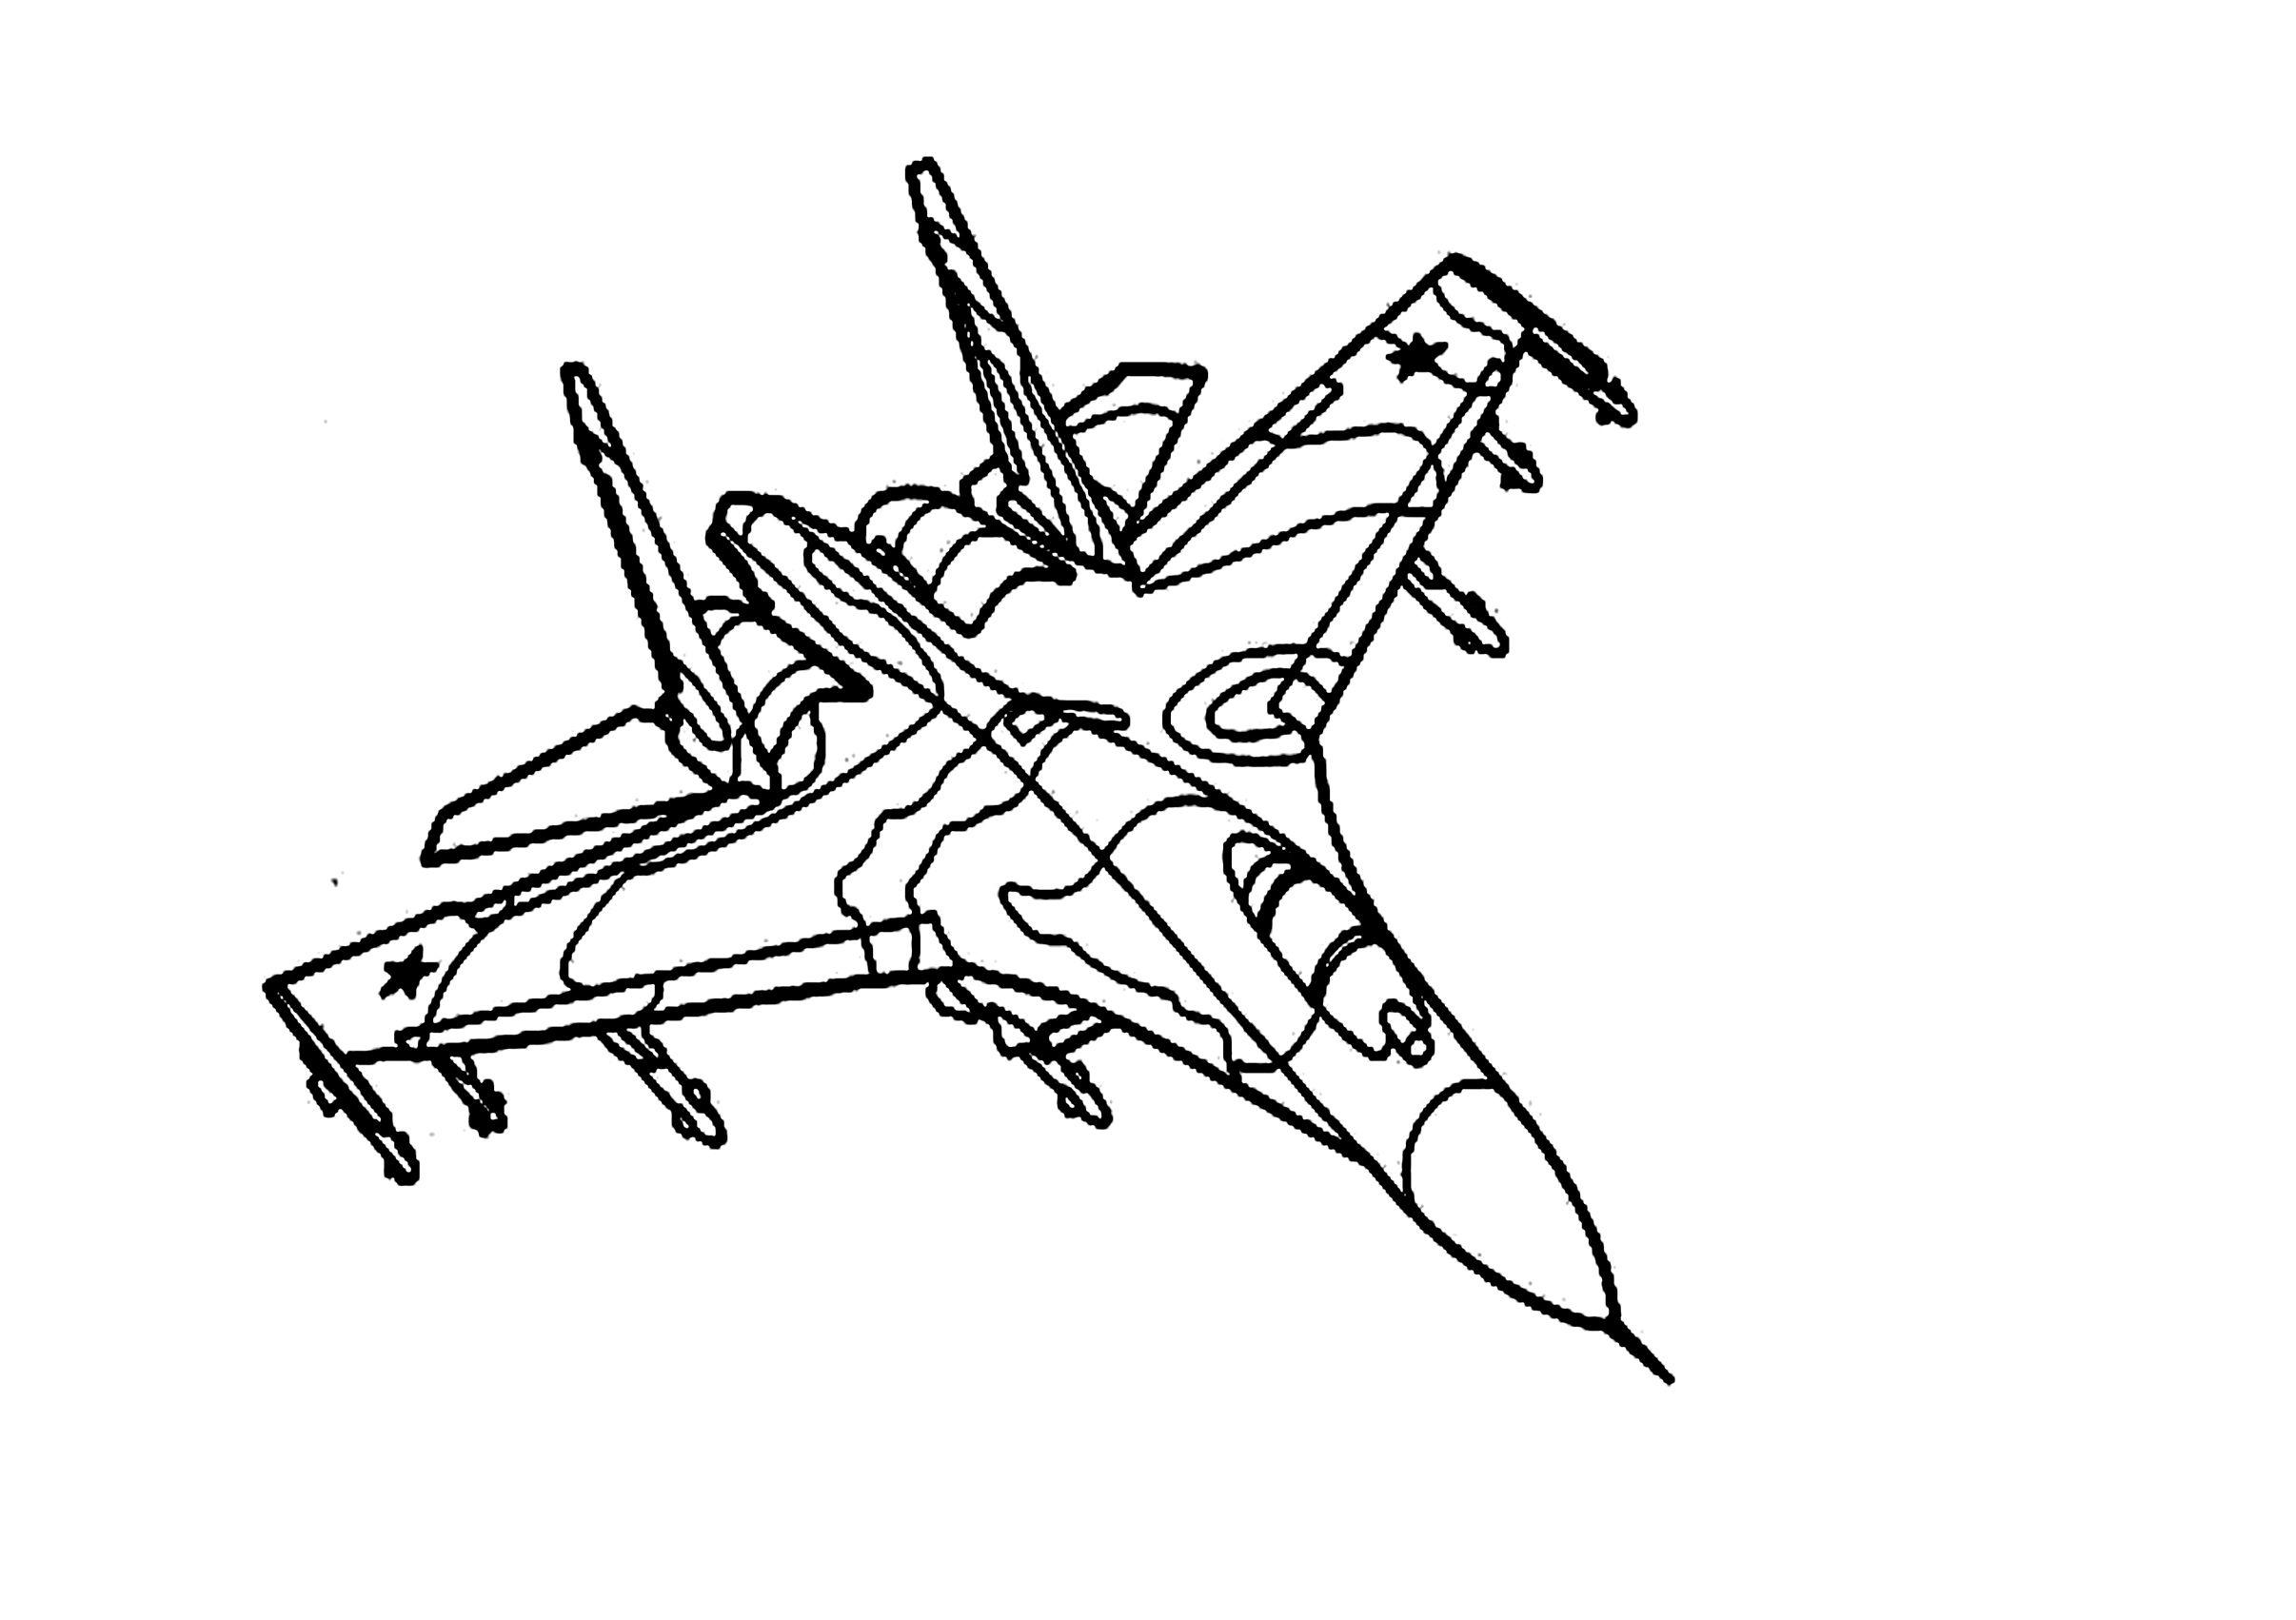 Flugzeug Ausmalbilder Kostenlos Malvorlagen Windowcolor Zum Drucken In 2020 Flugzeug Ausmalbild Ausmalbilder Ausmalen